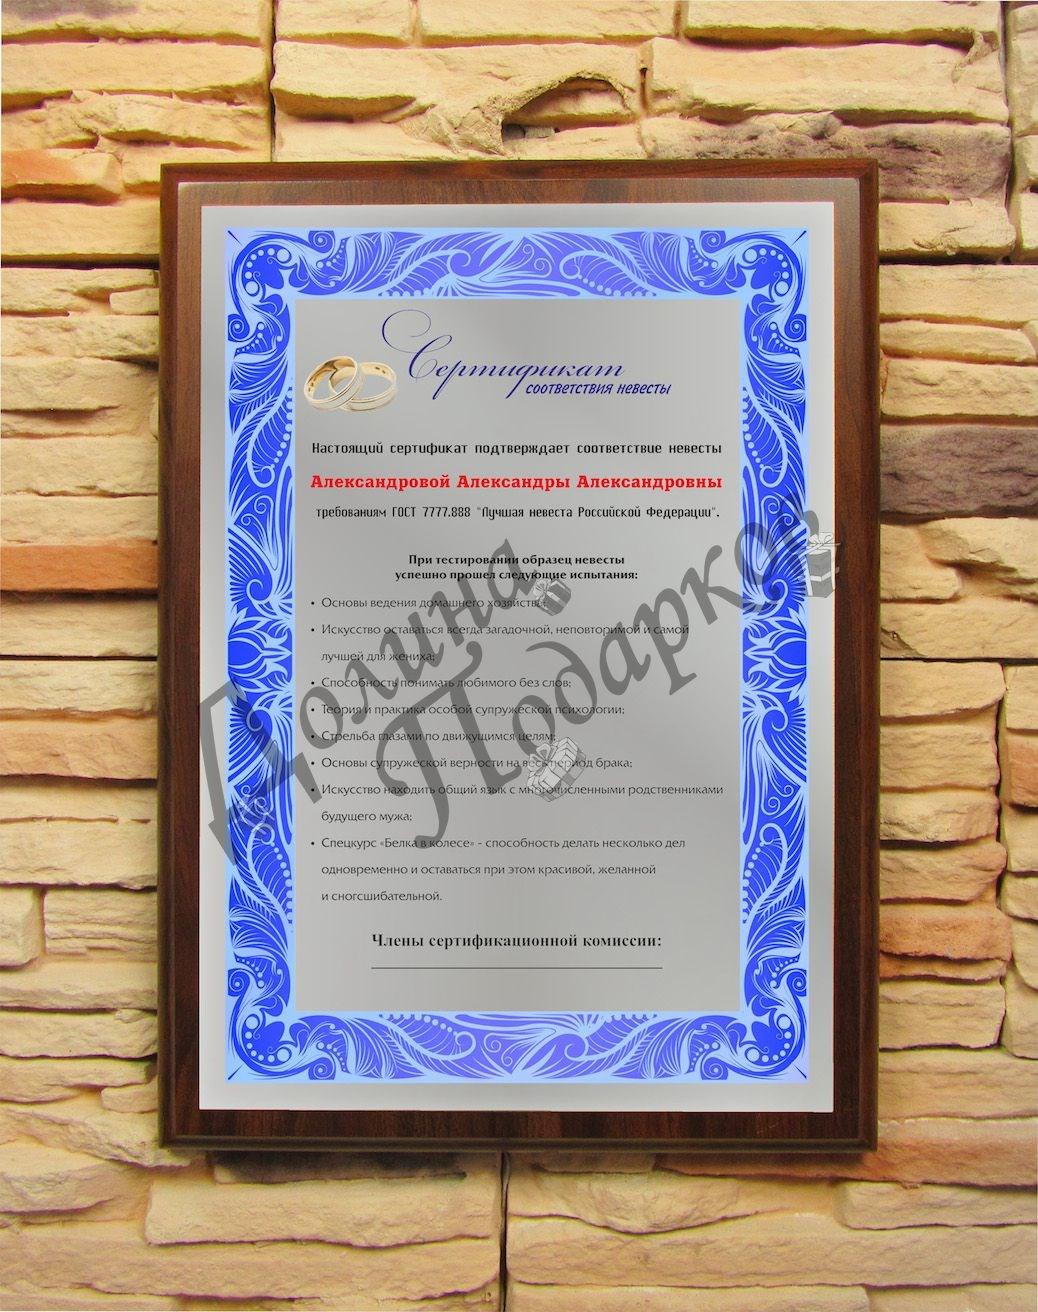 Подарочный диплом Сертификат соответствия невесты Подарки ру Описание подарка